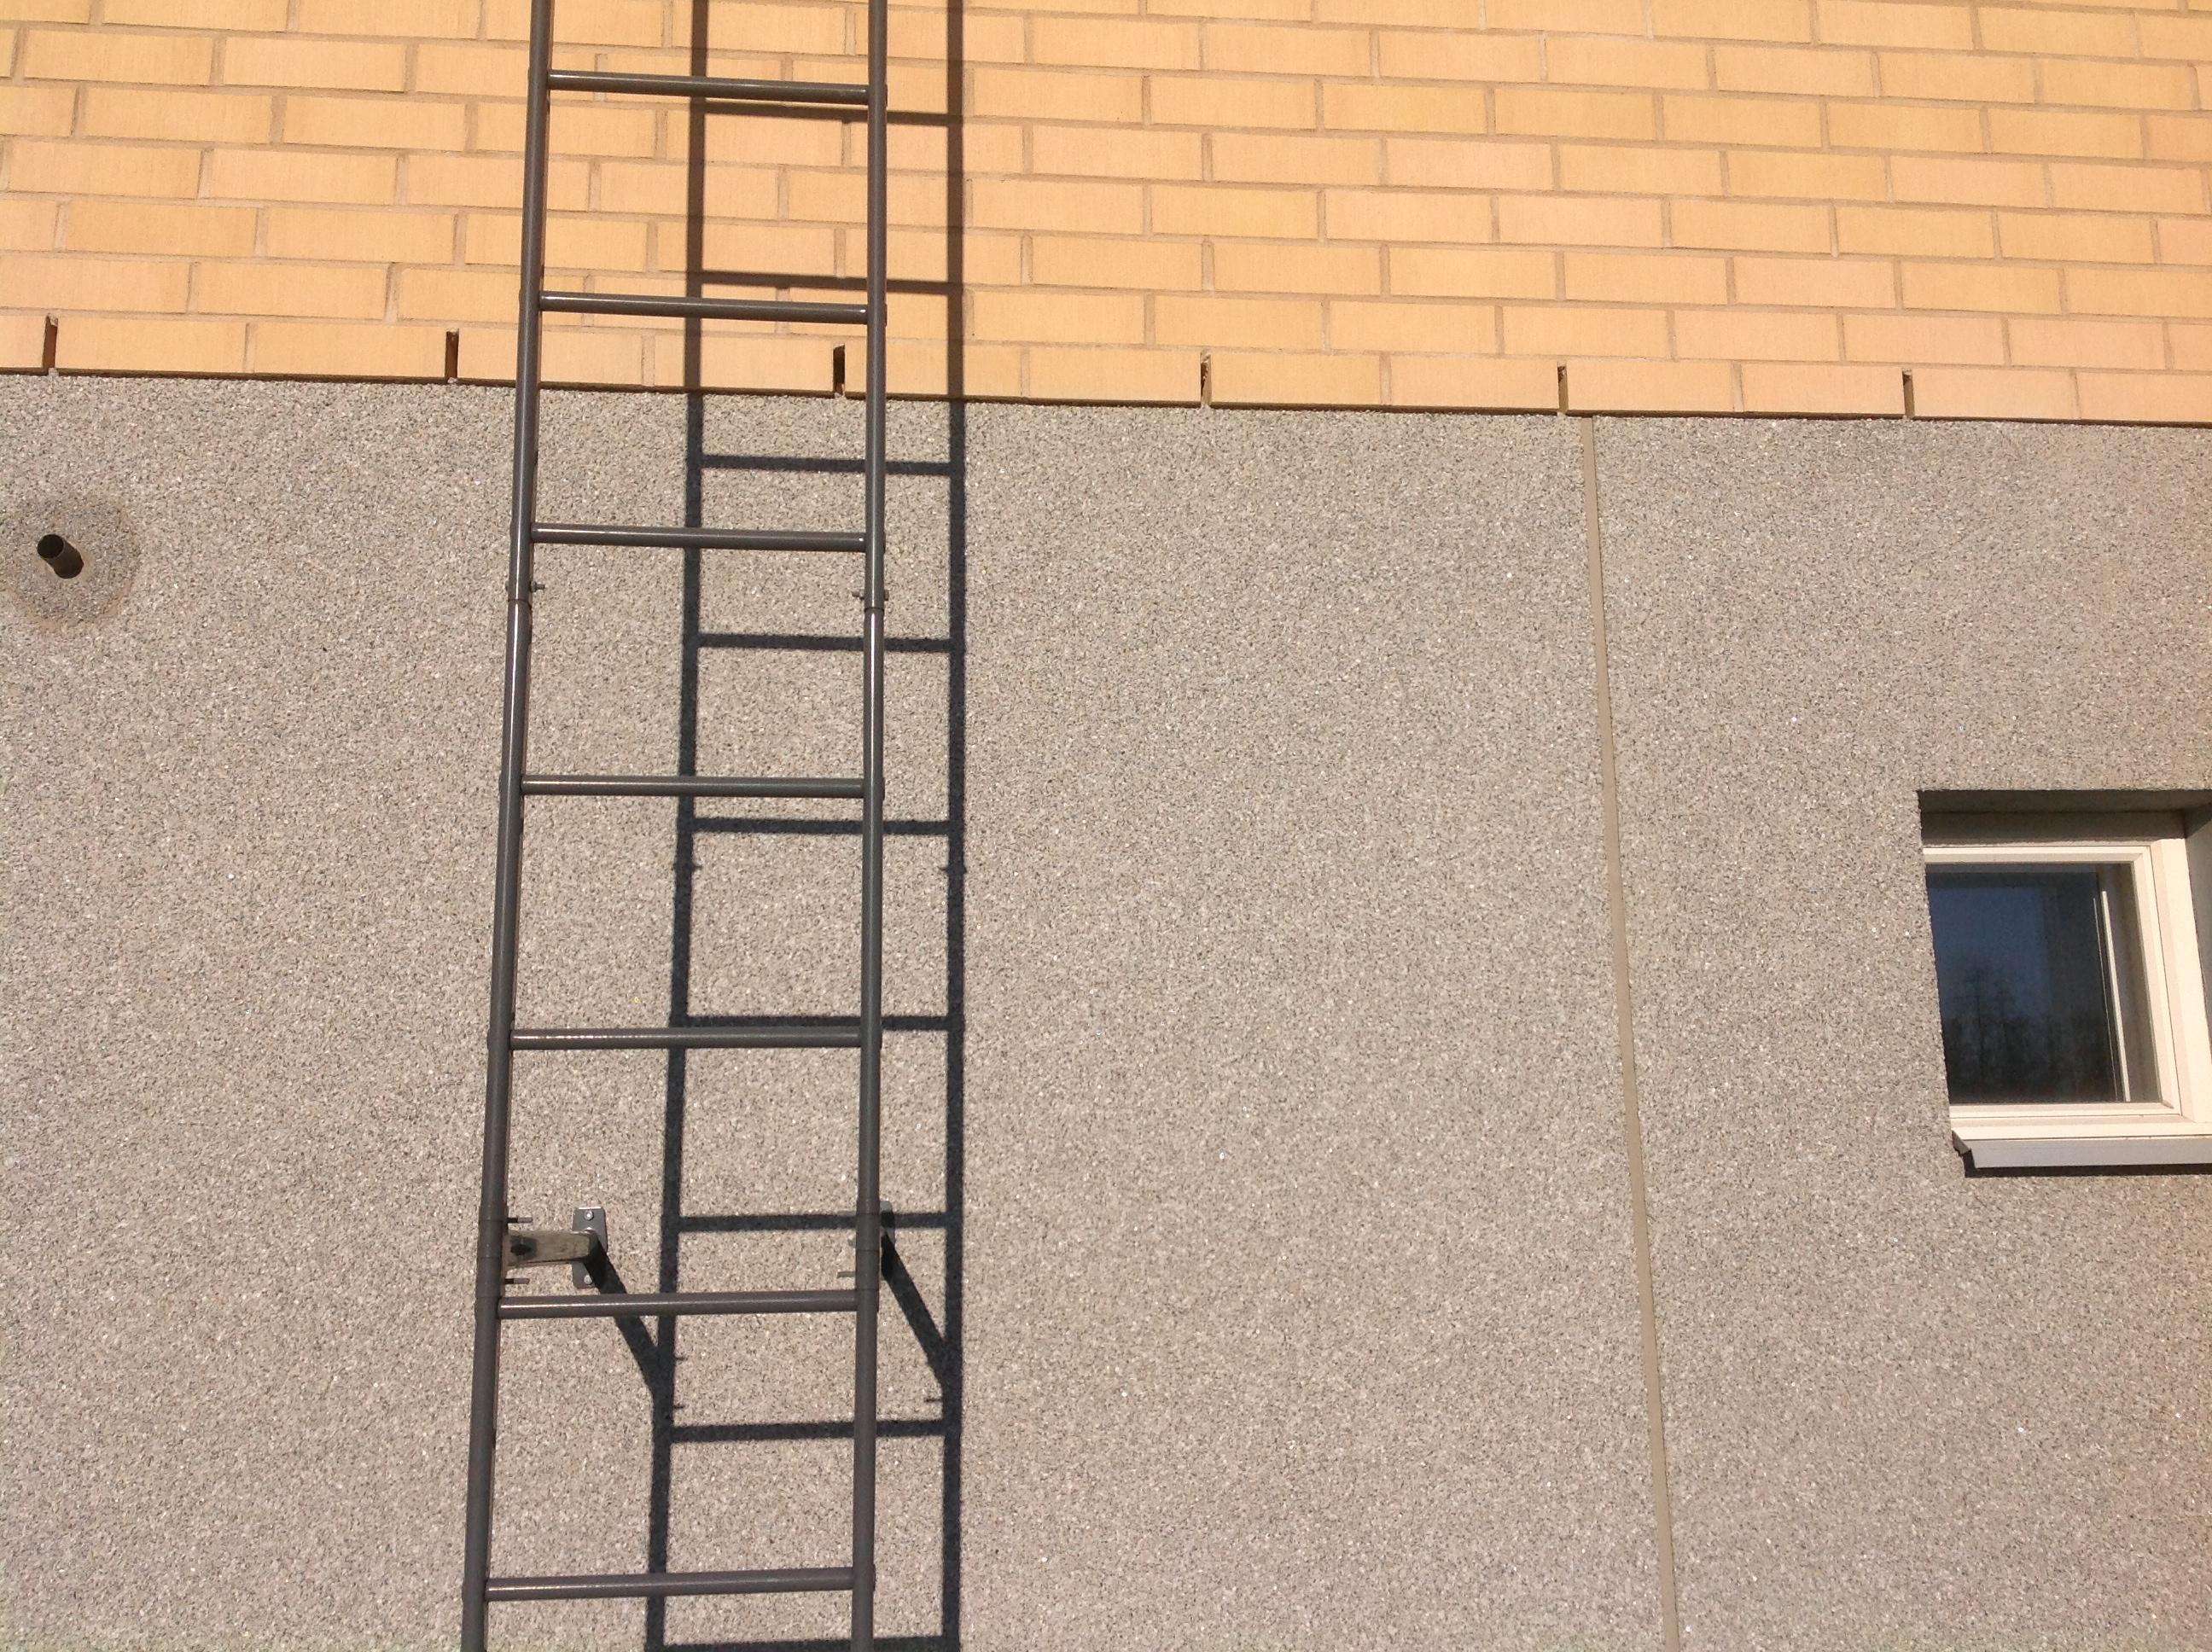 Ychan - ot - ladders - ladders